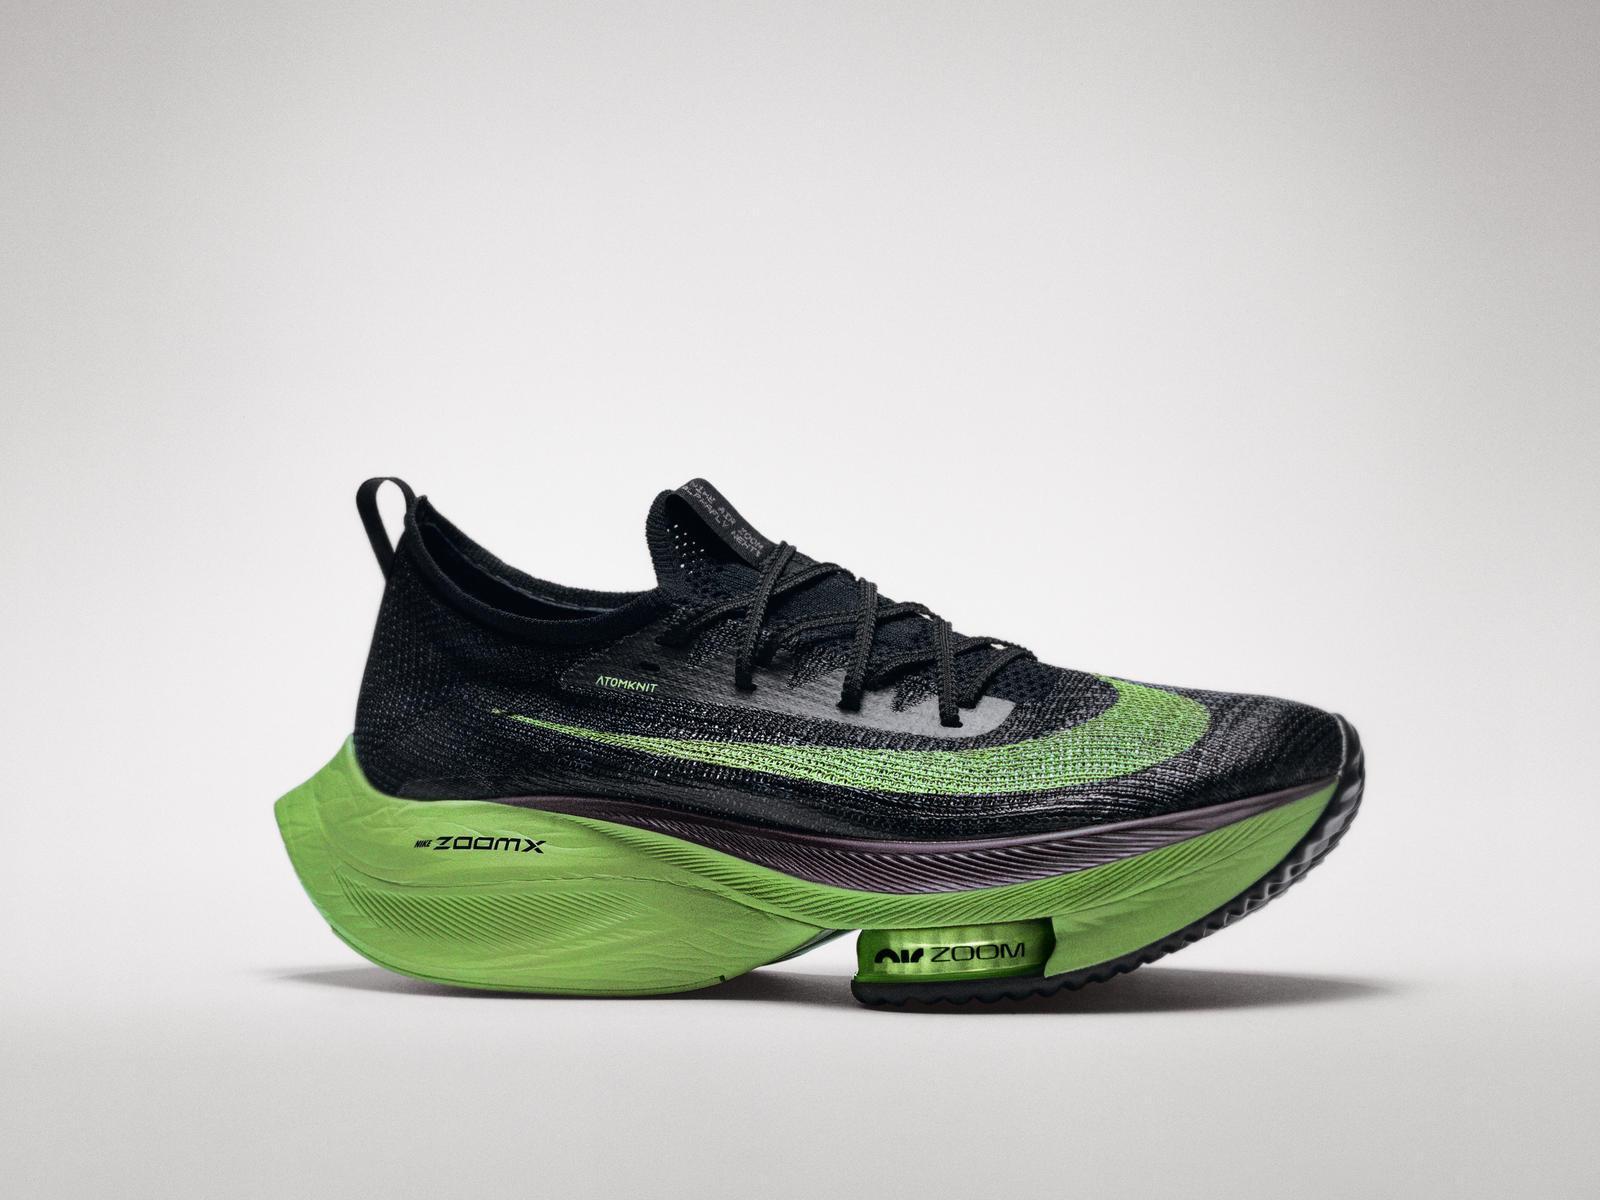 Foto: Nike.com